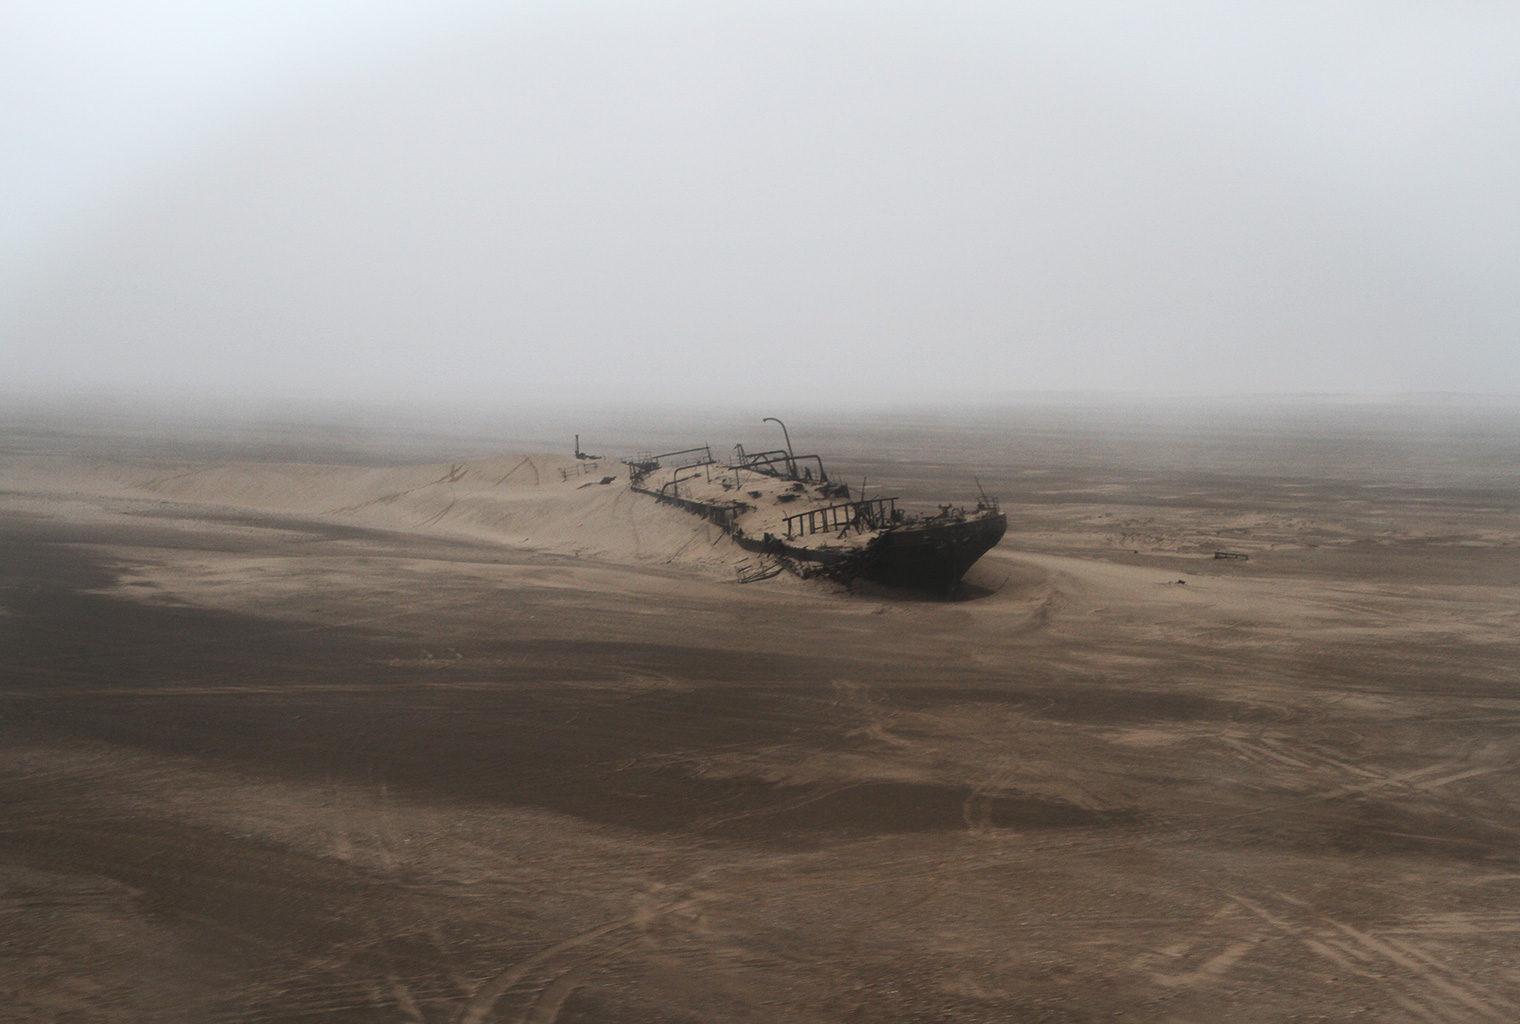 Namibia-Skeleton-Coast-Safari-Shipwreck